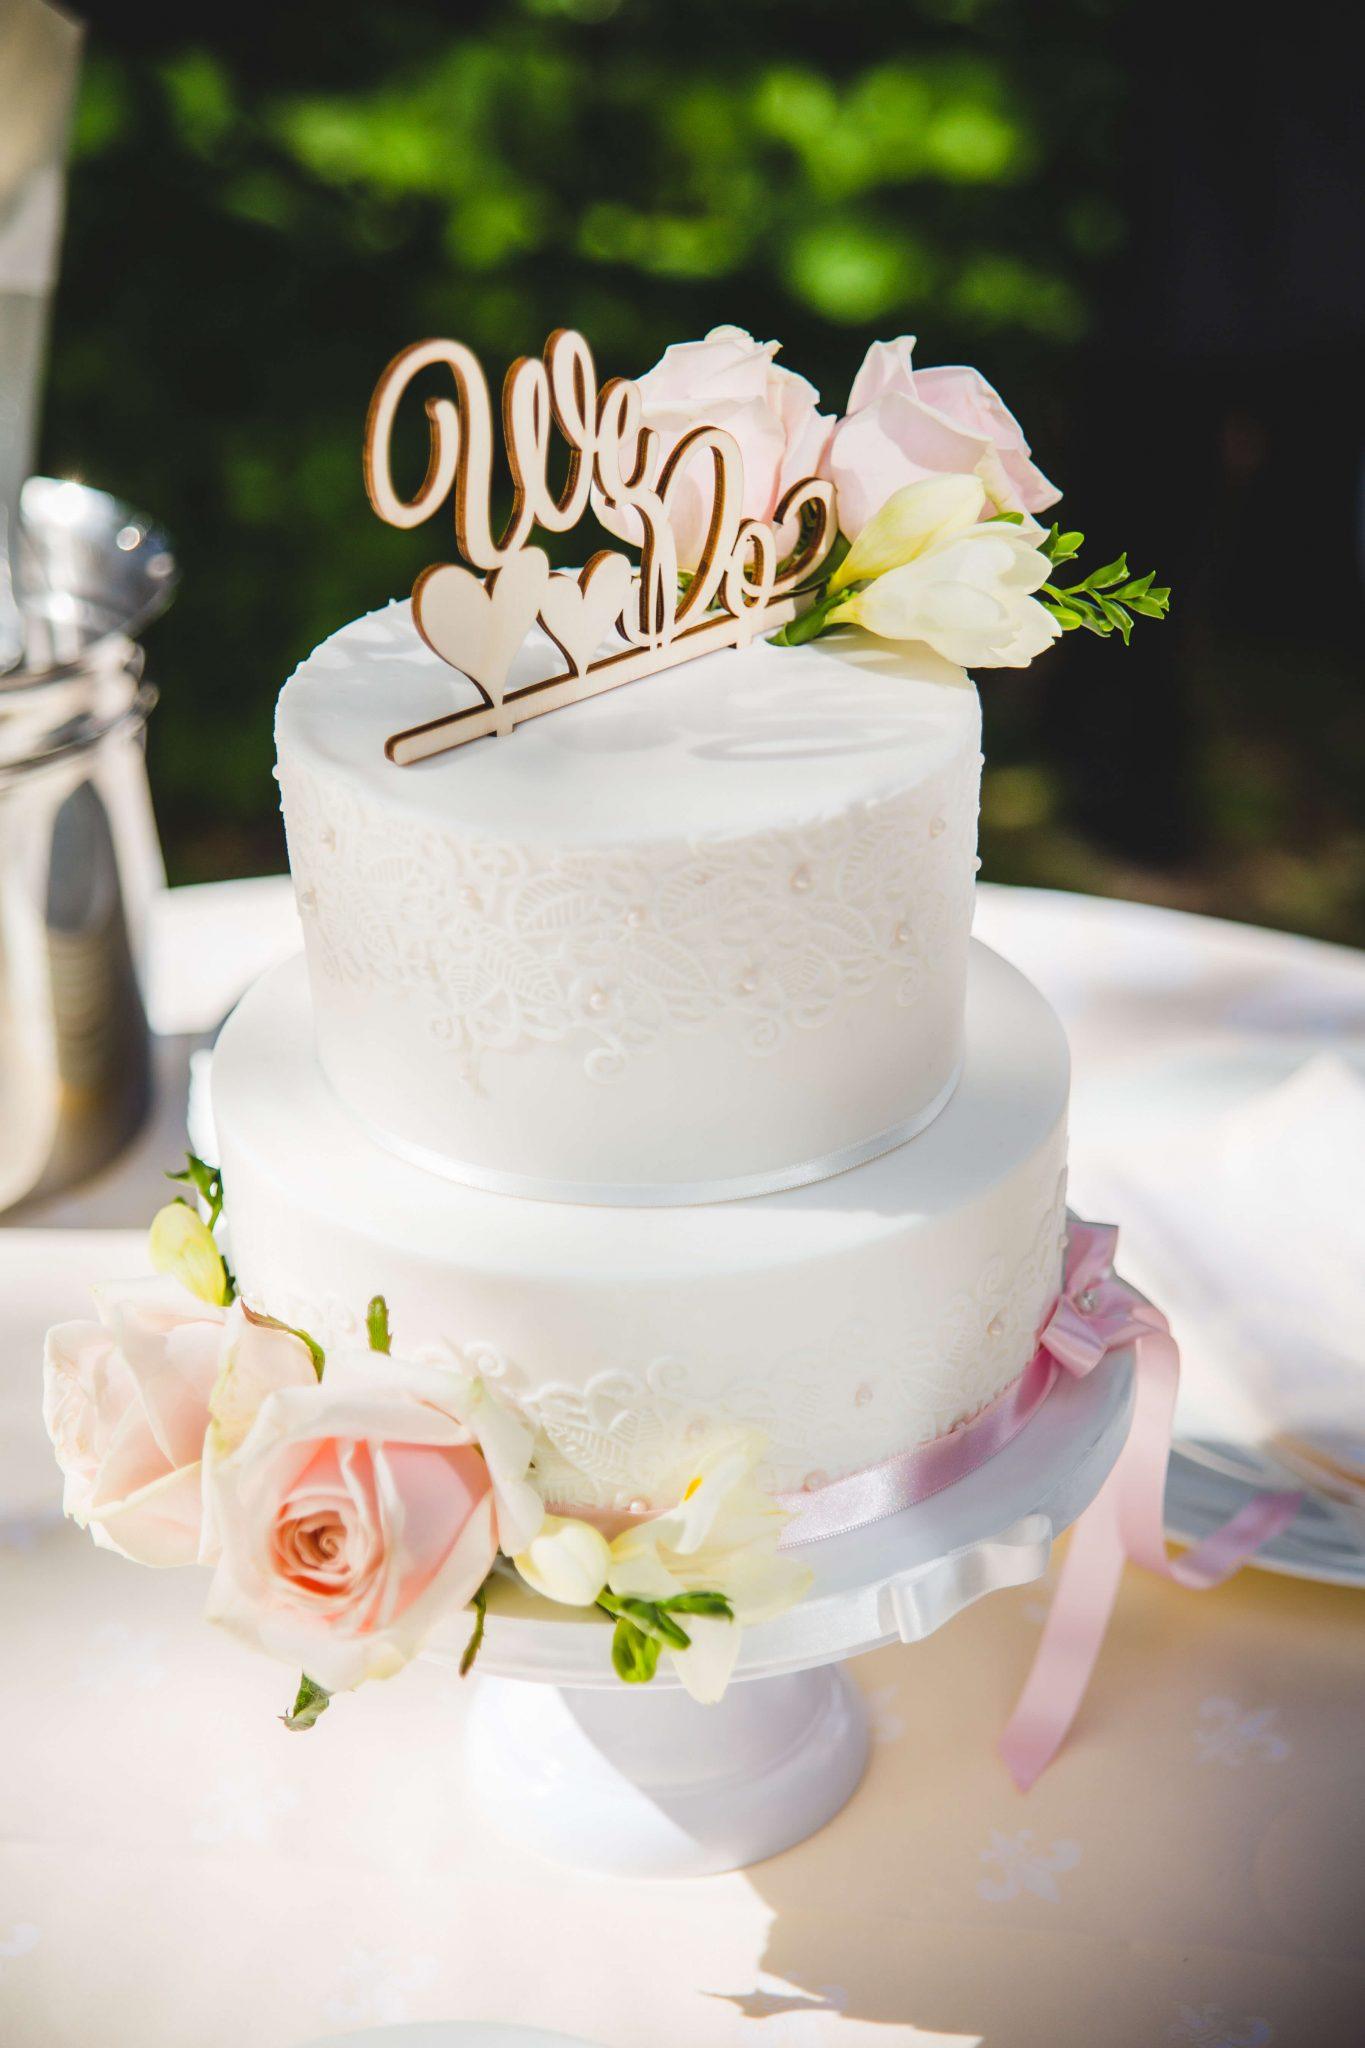 BRUILOFT bruidstaart fondant romantisch kant